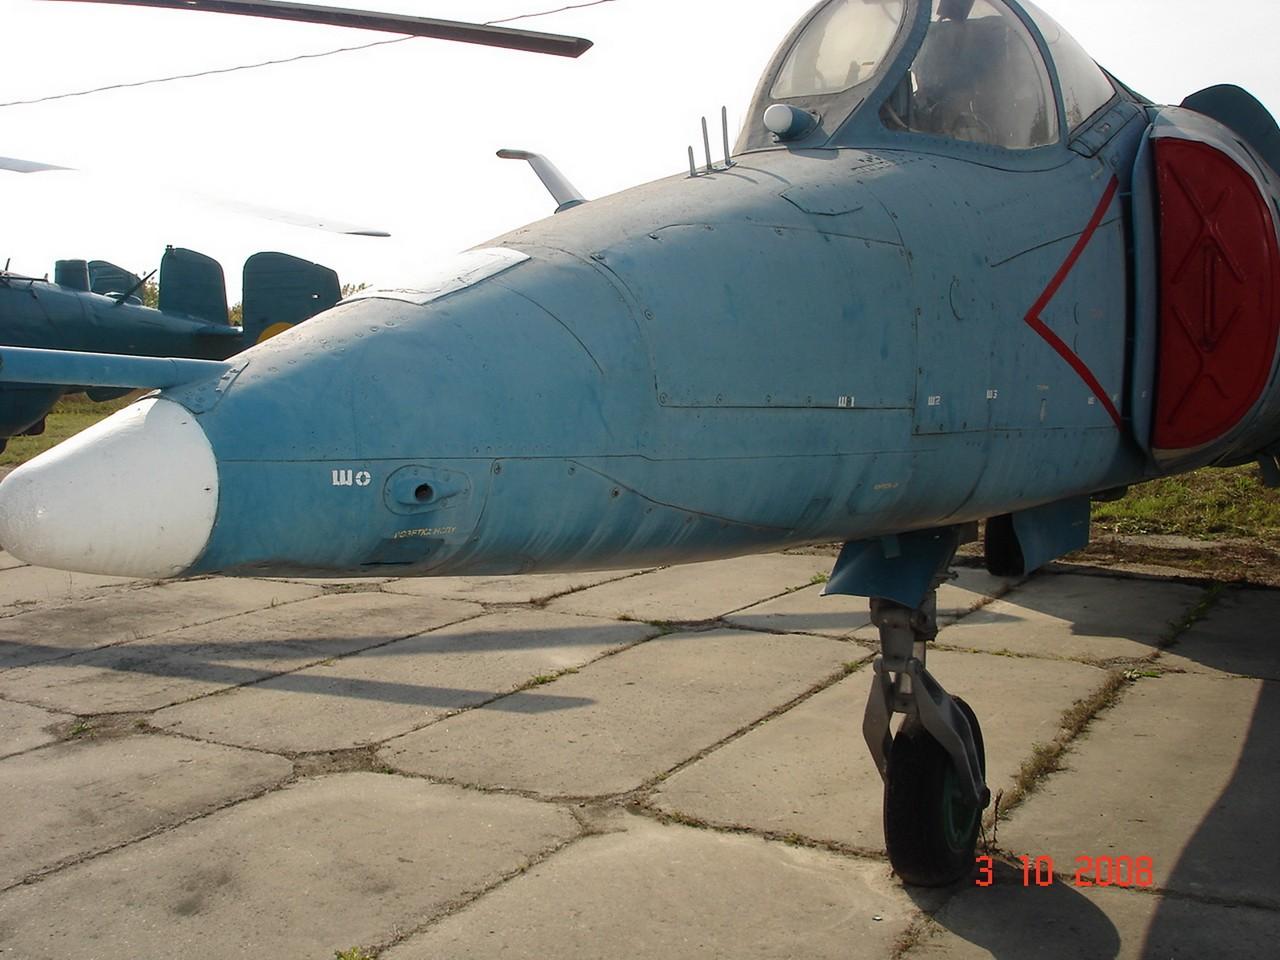 ヤコフレフ ヤク-38 フォーガー